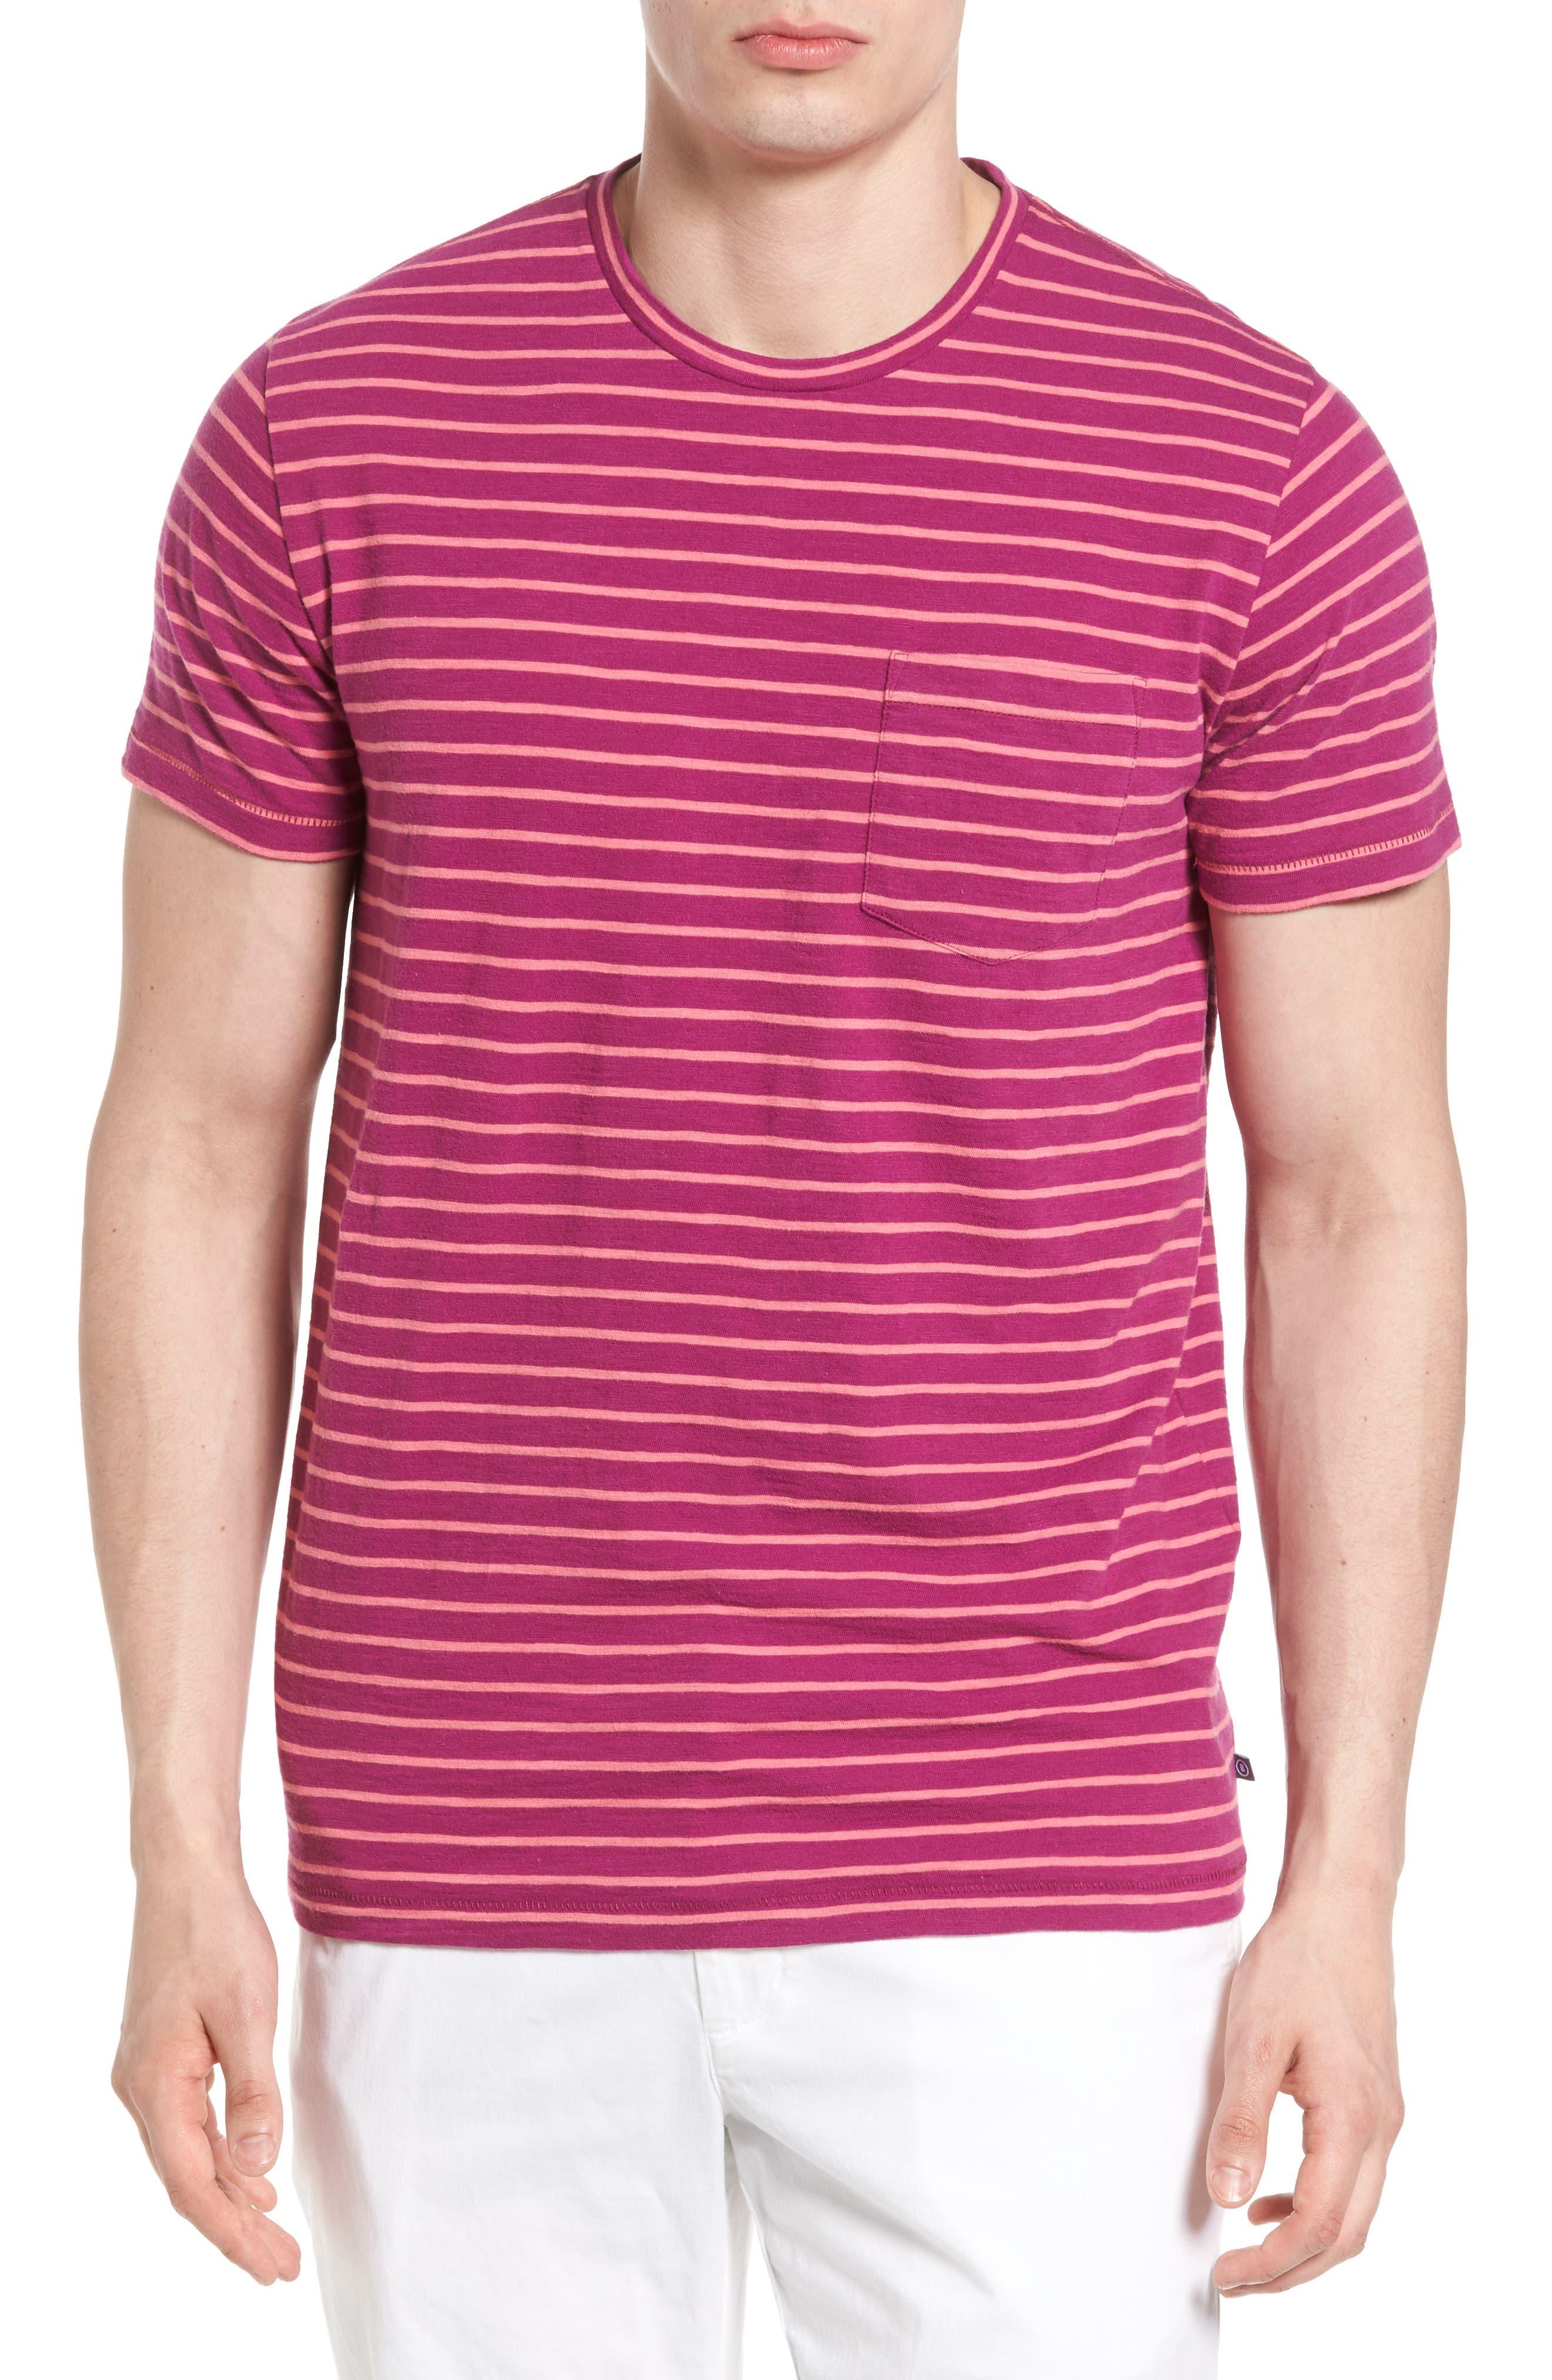 Bonobos Pocket T-Shirt